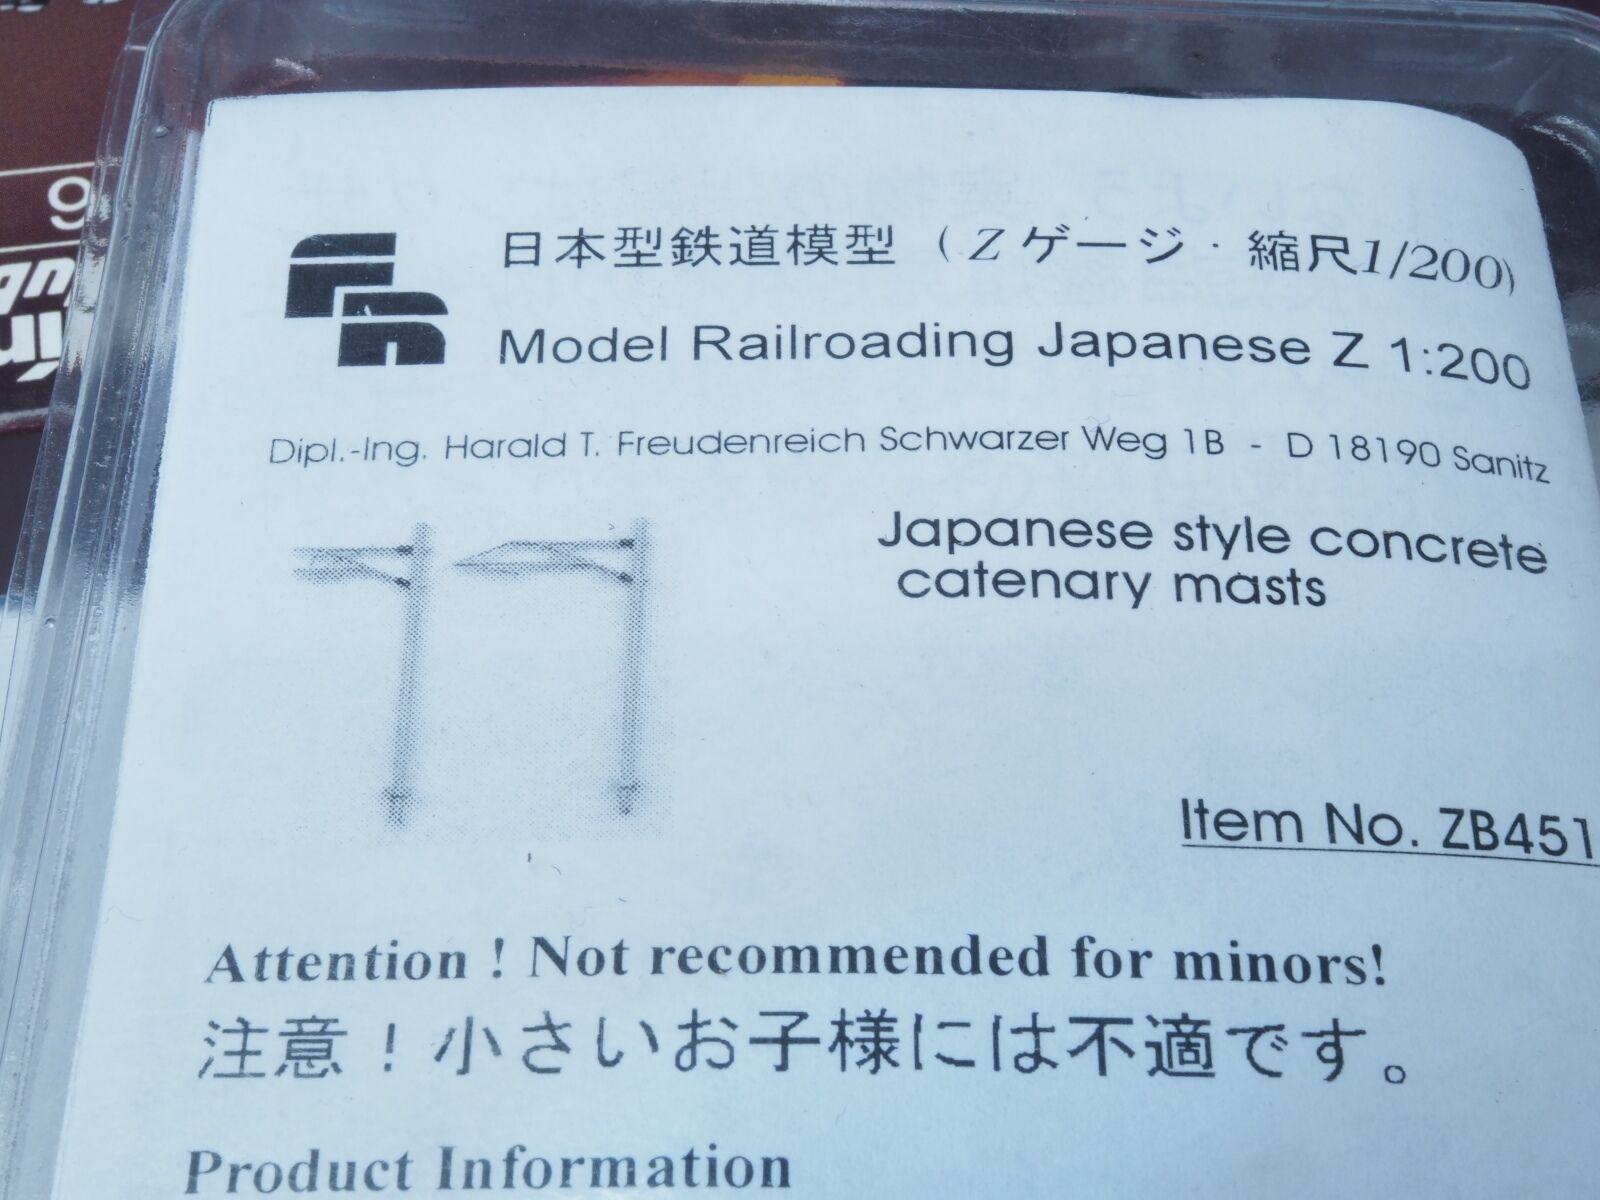 Fr Zb451 Nuovo Stile Giapponese 12 Catenaria Mast Kit Scala 1 200